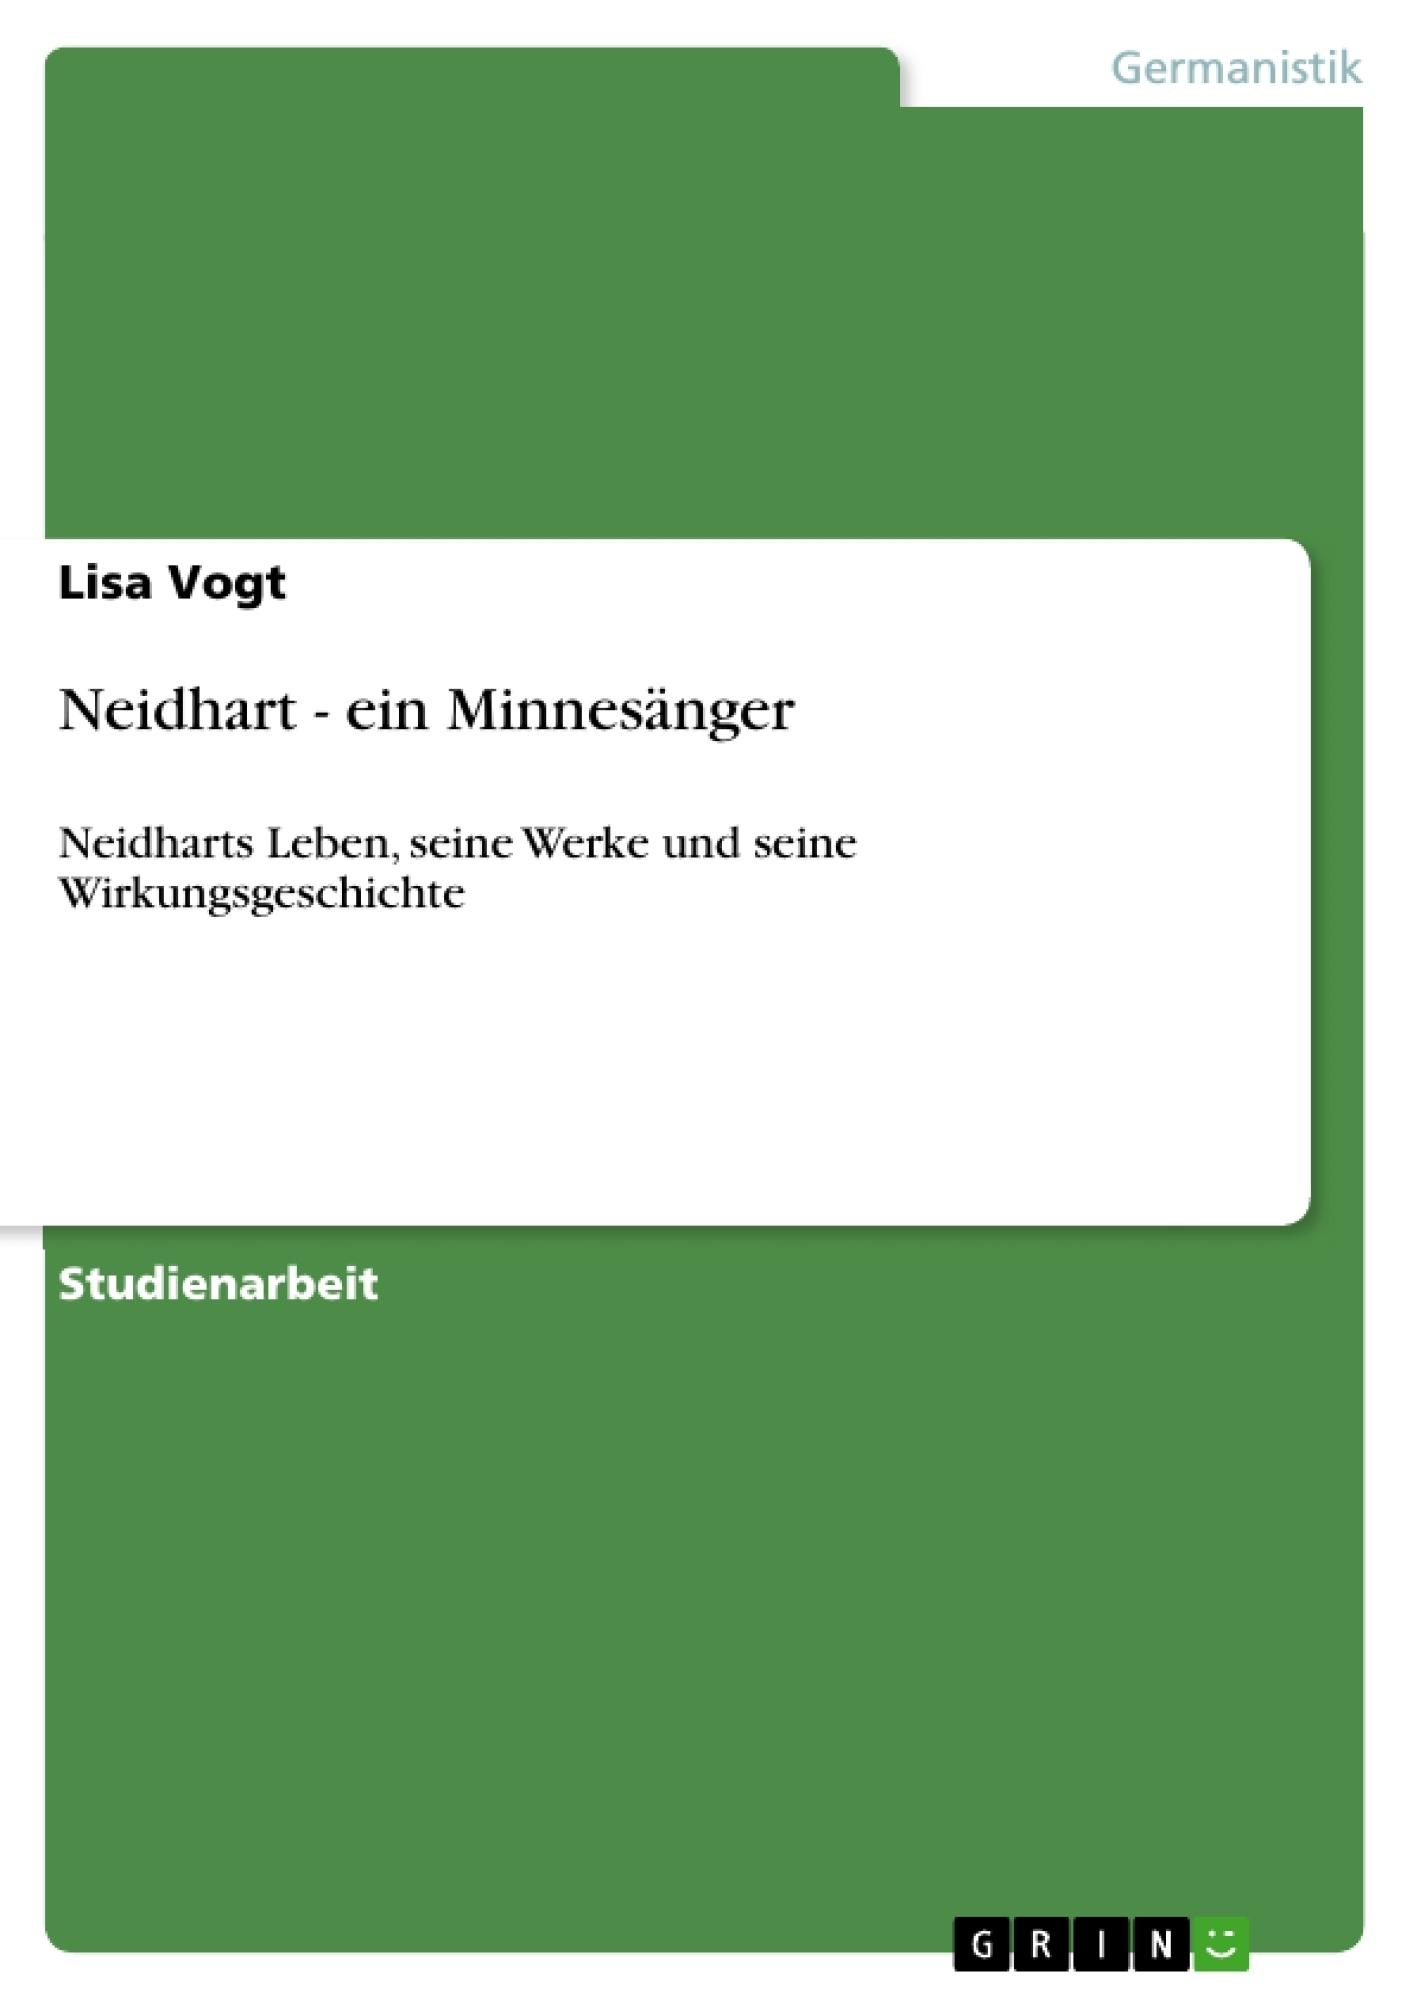 Titel: Neidhart - ein Minnesänger